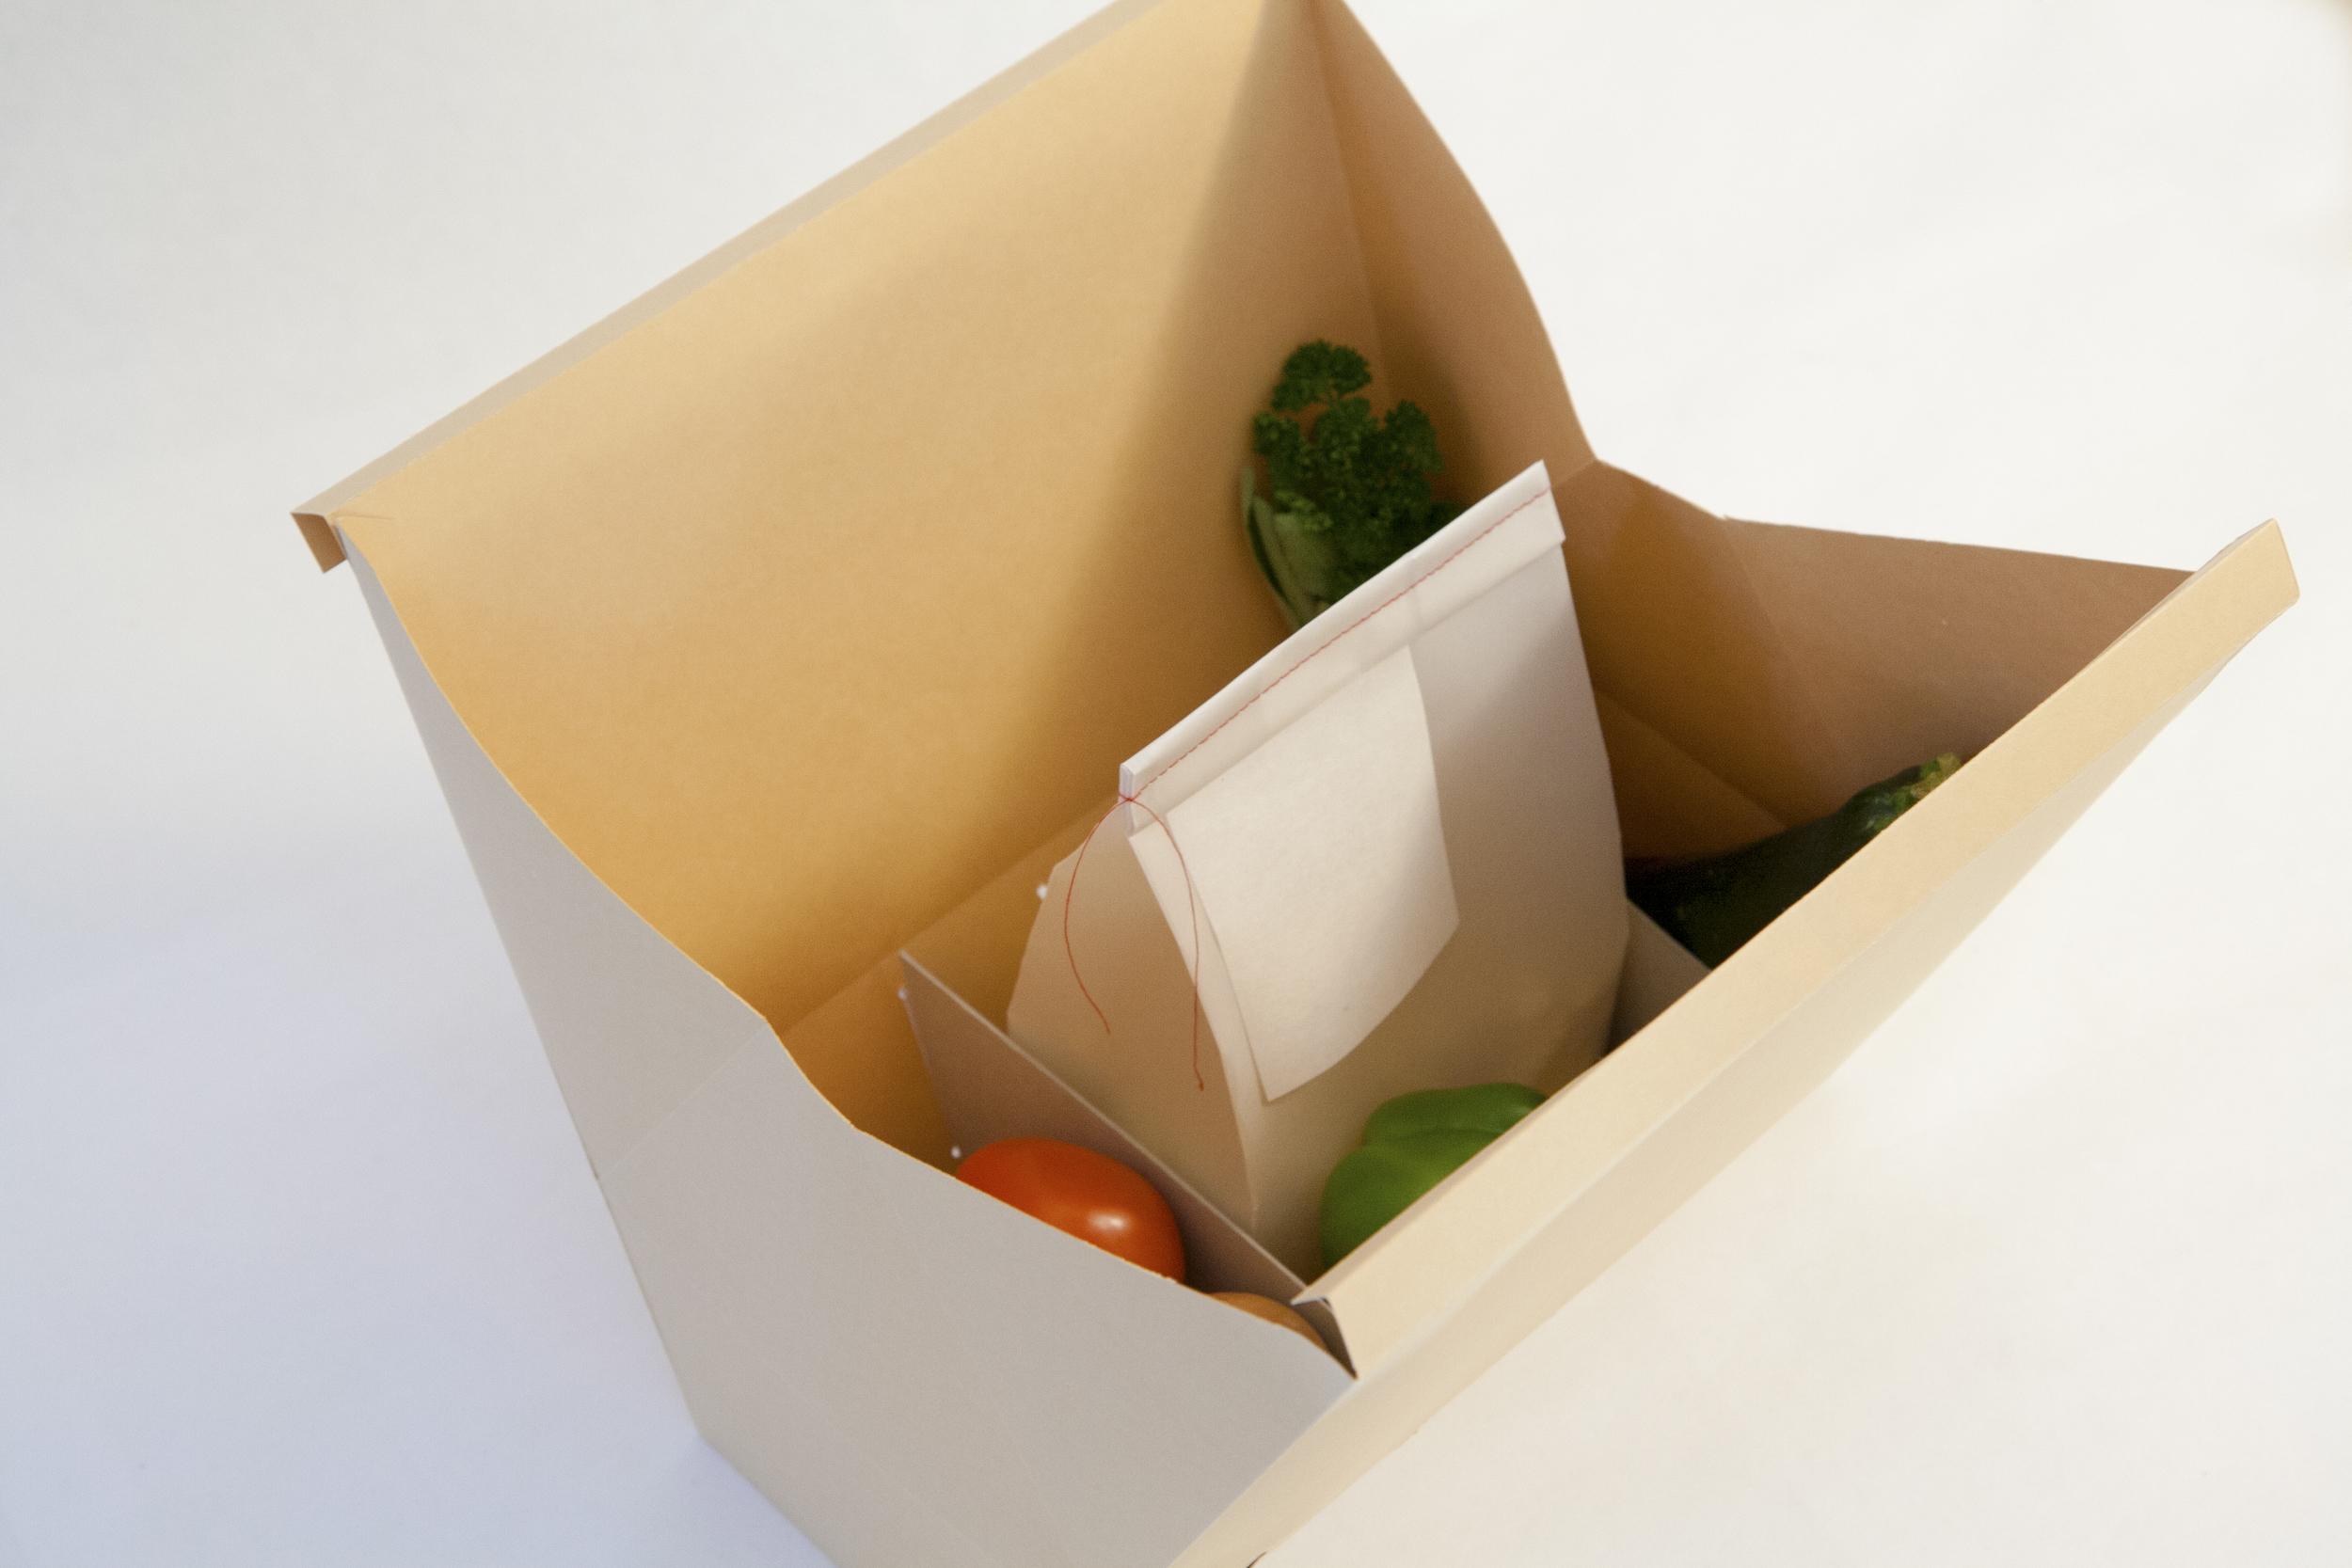 Schlemmertüte – Verpackung auf, ran an die Zutaten